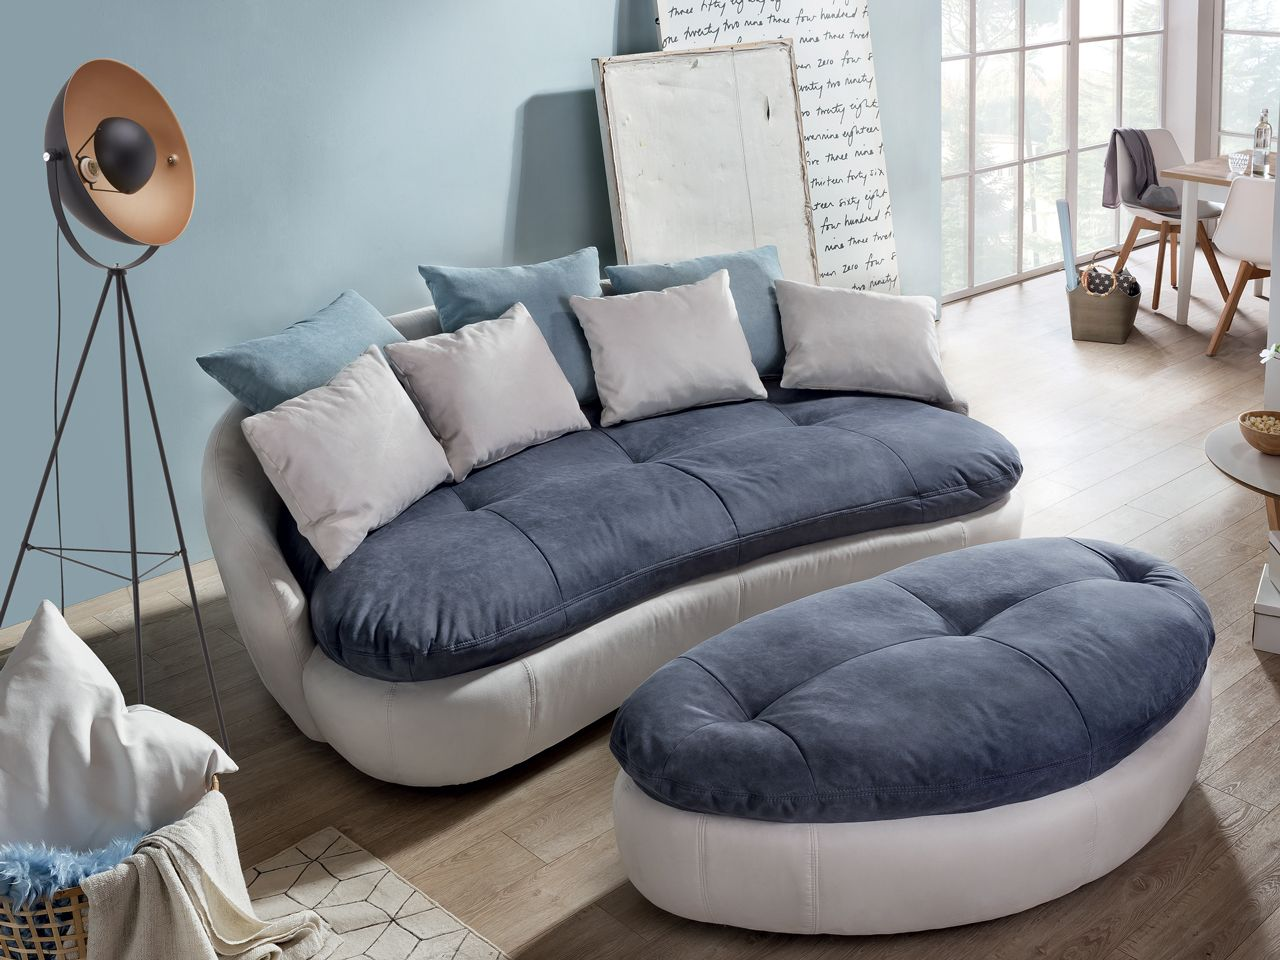 DIVANO SAINT MARTIN Mercatone Uno Sofa, Daybed, Furniture